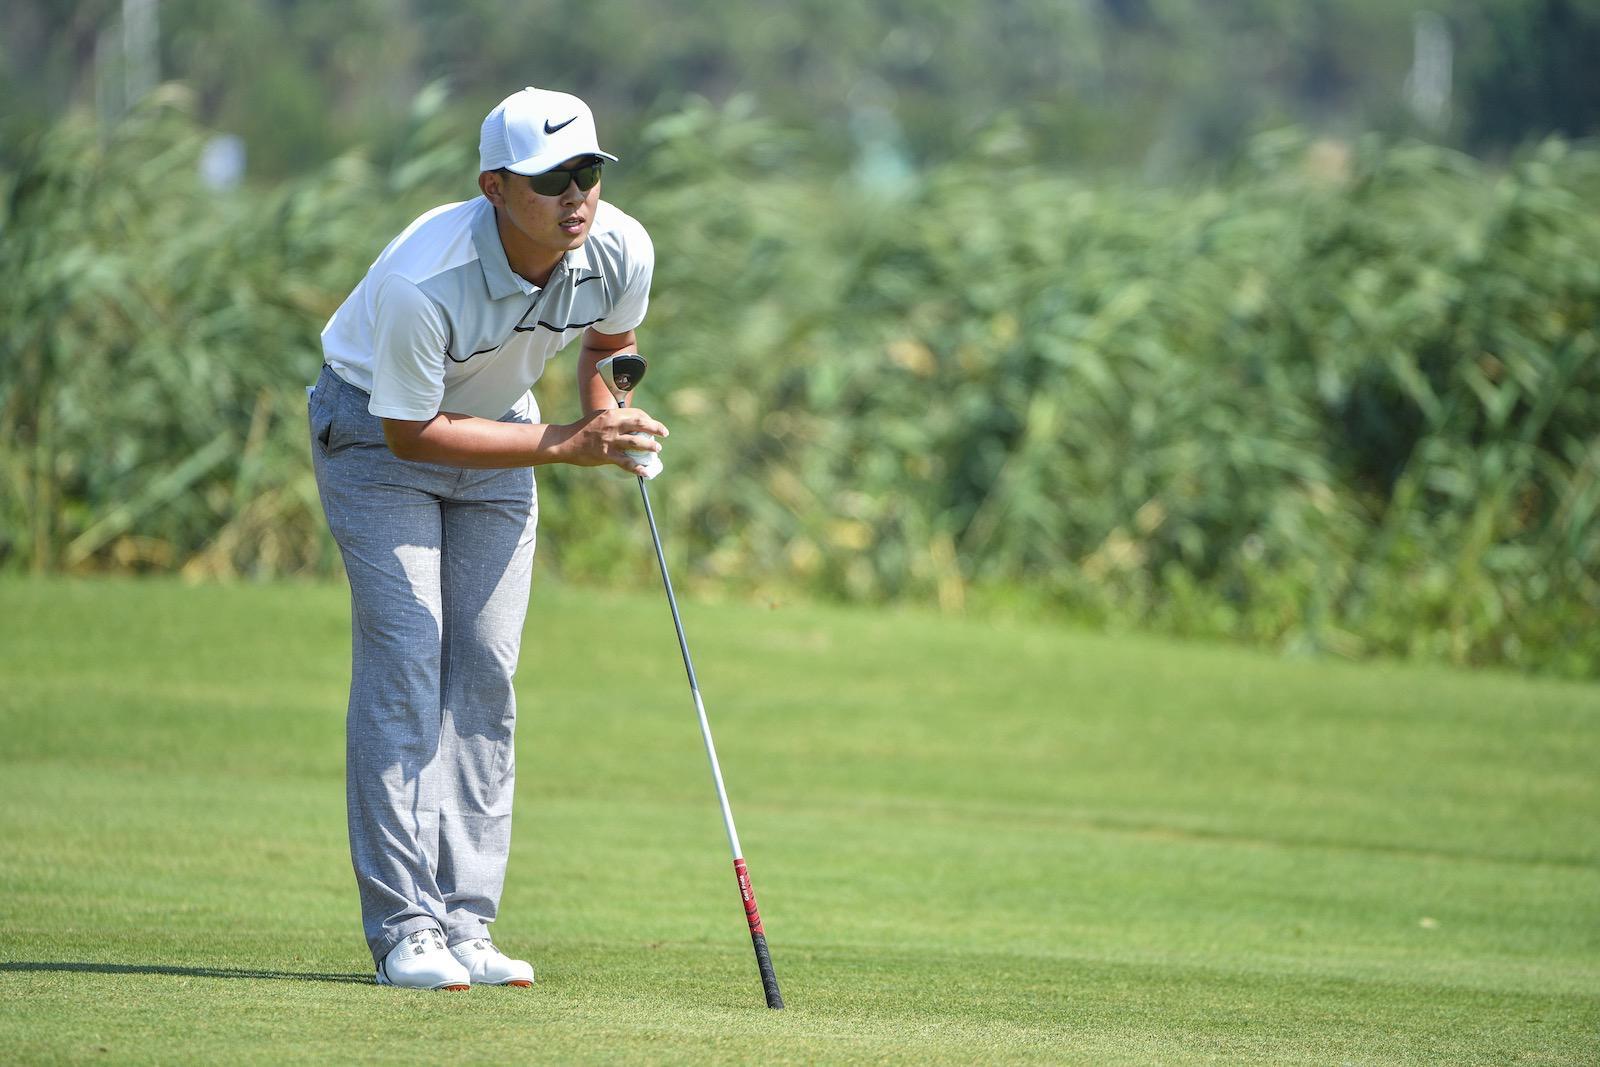 陈子豪CHEN Zihao (3)